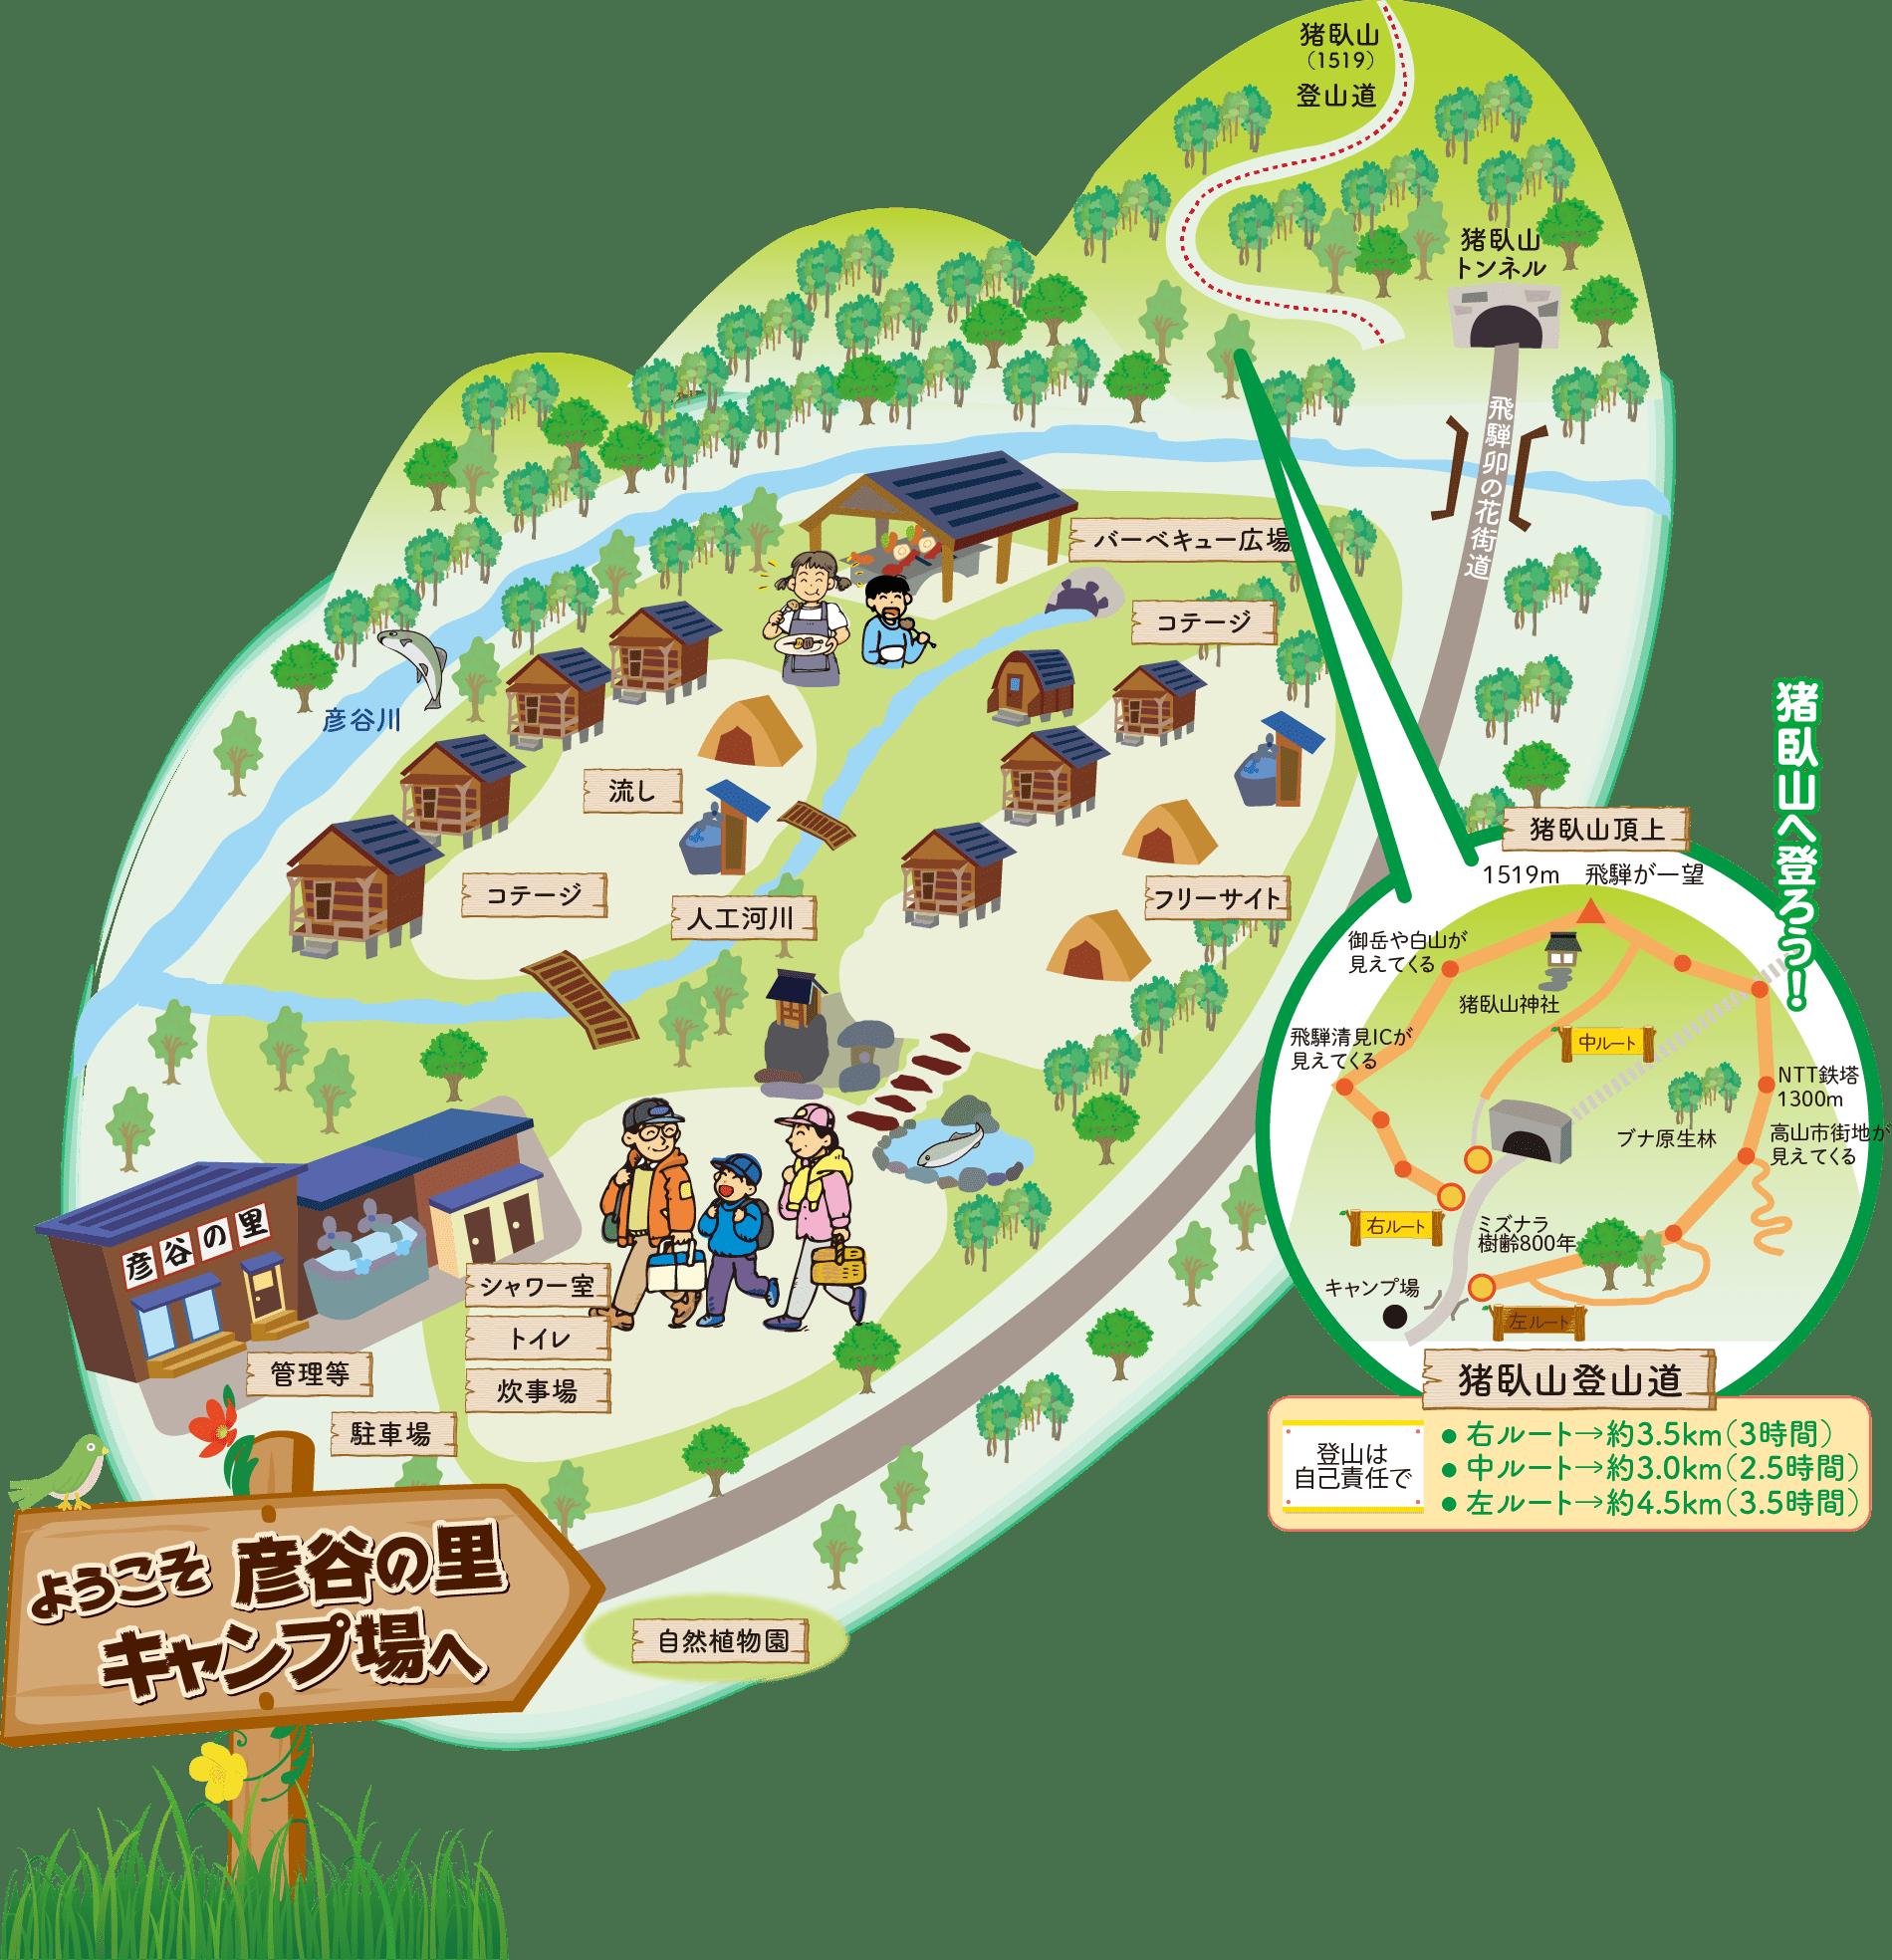 飛騨高山彦谷の里キャンプ場エリアマップ